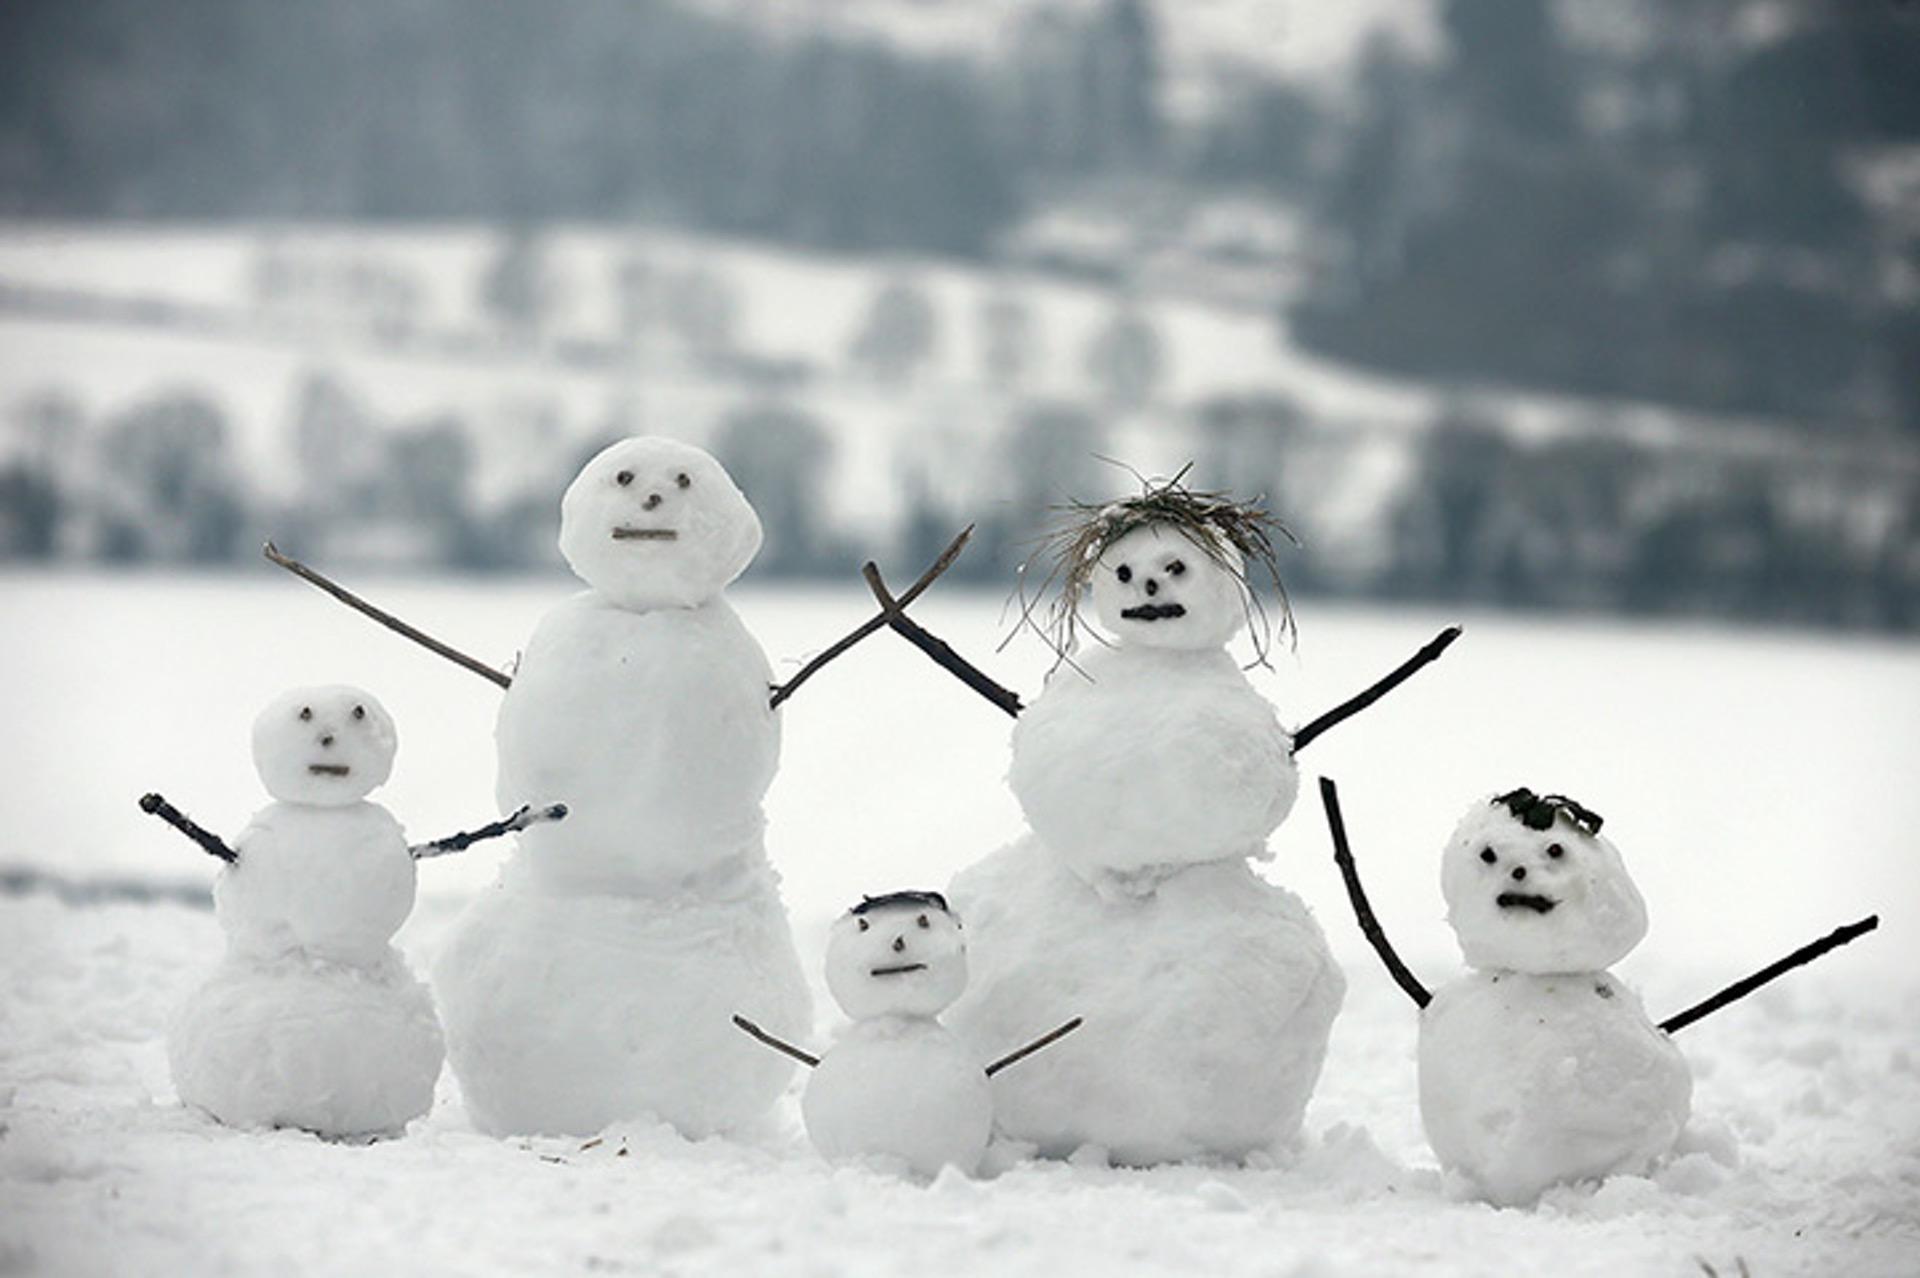 اس ام اس های عاشقانه زمستان